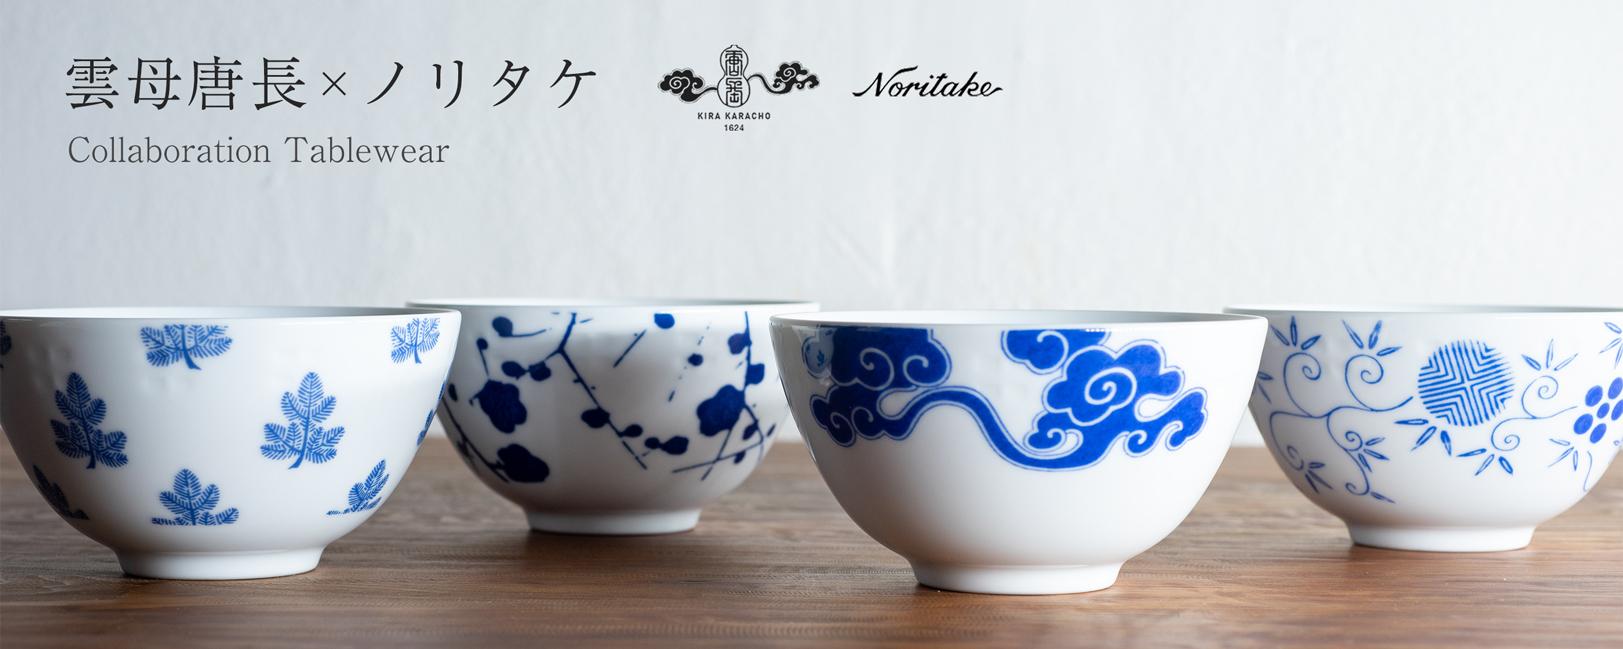 雲母唐長×ノリタケ コラボレーション 茶碗